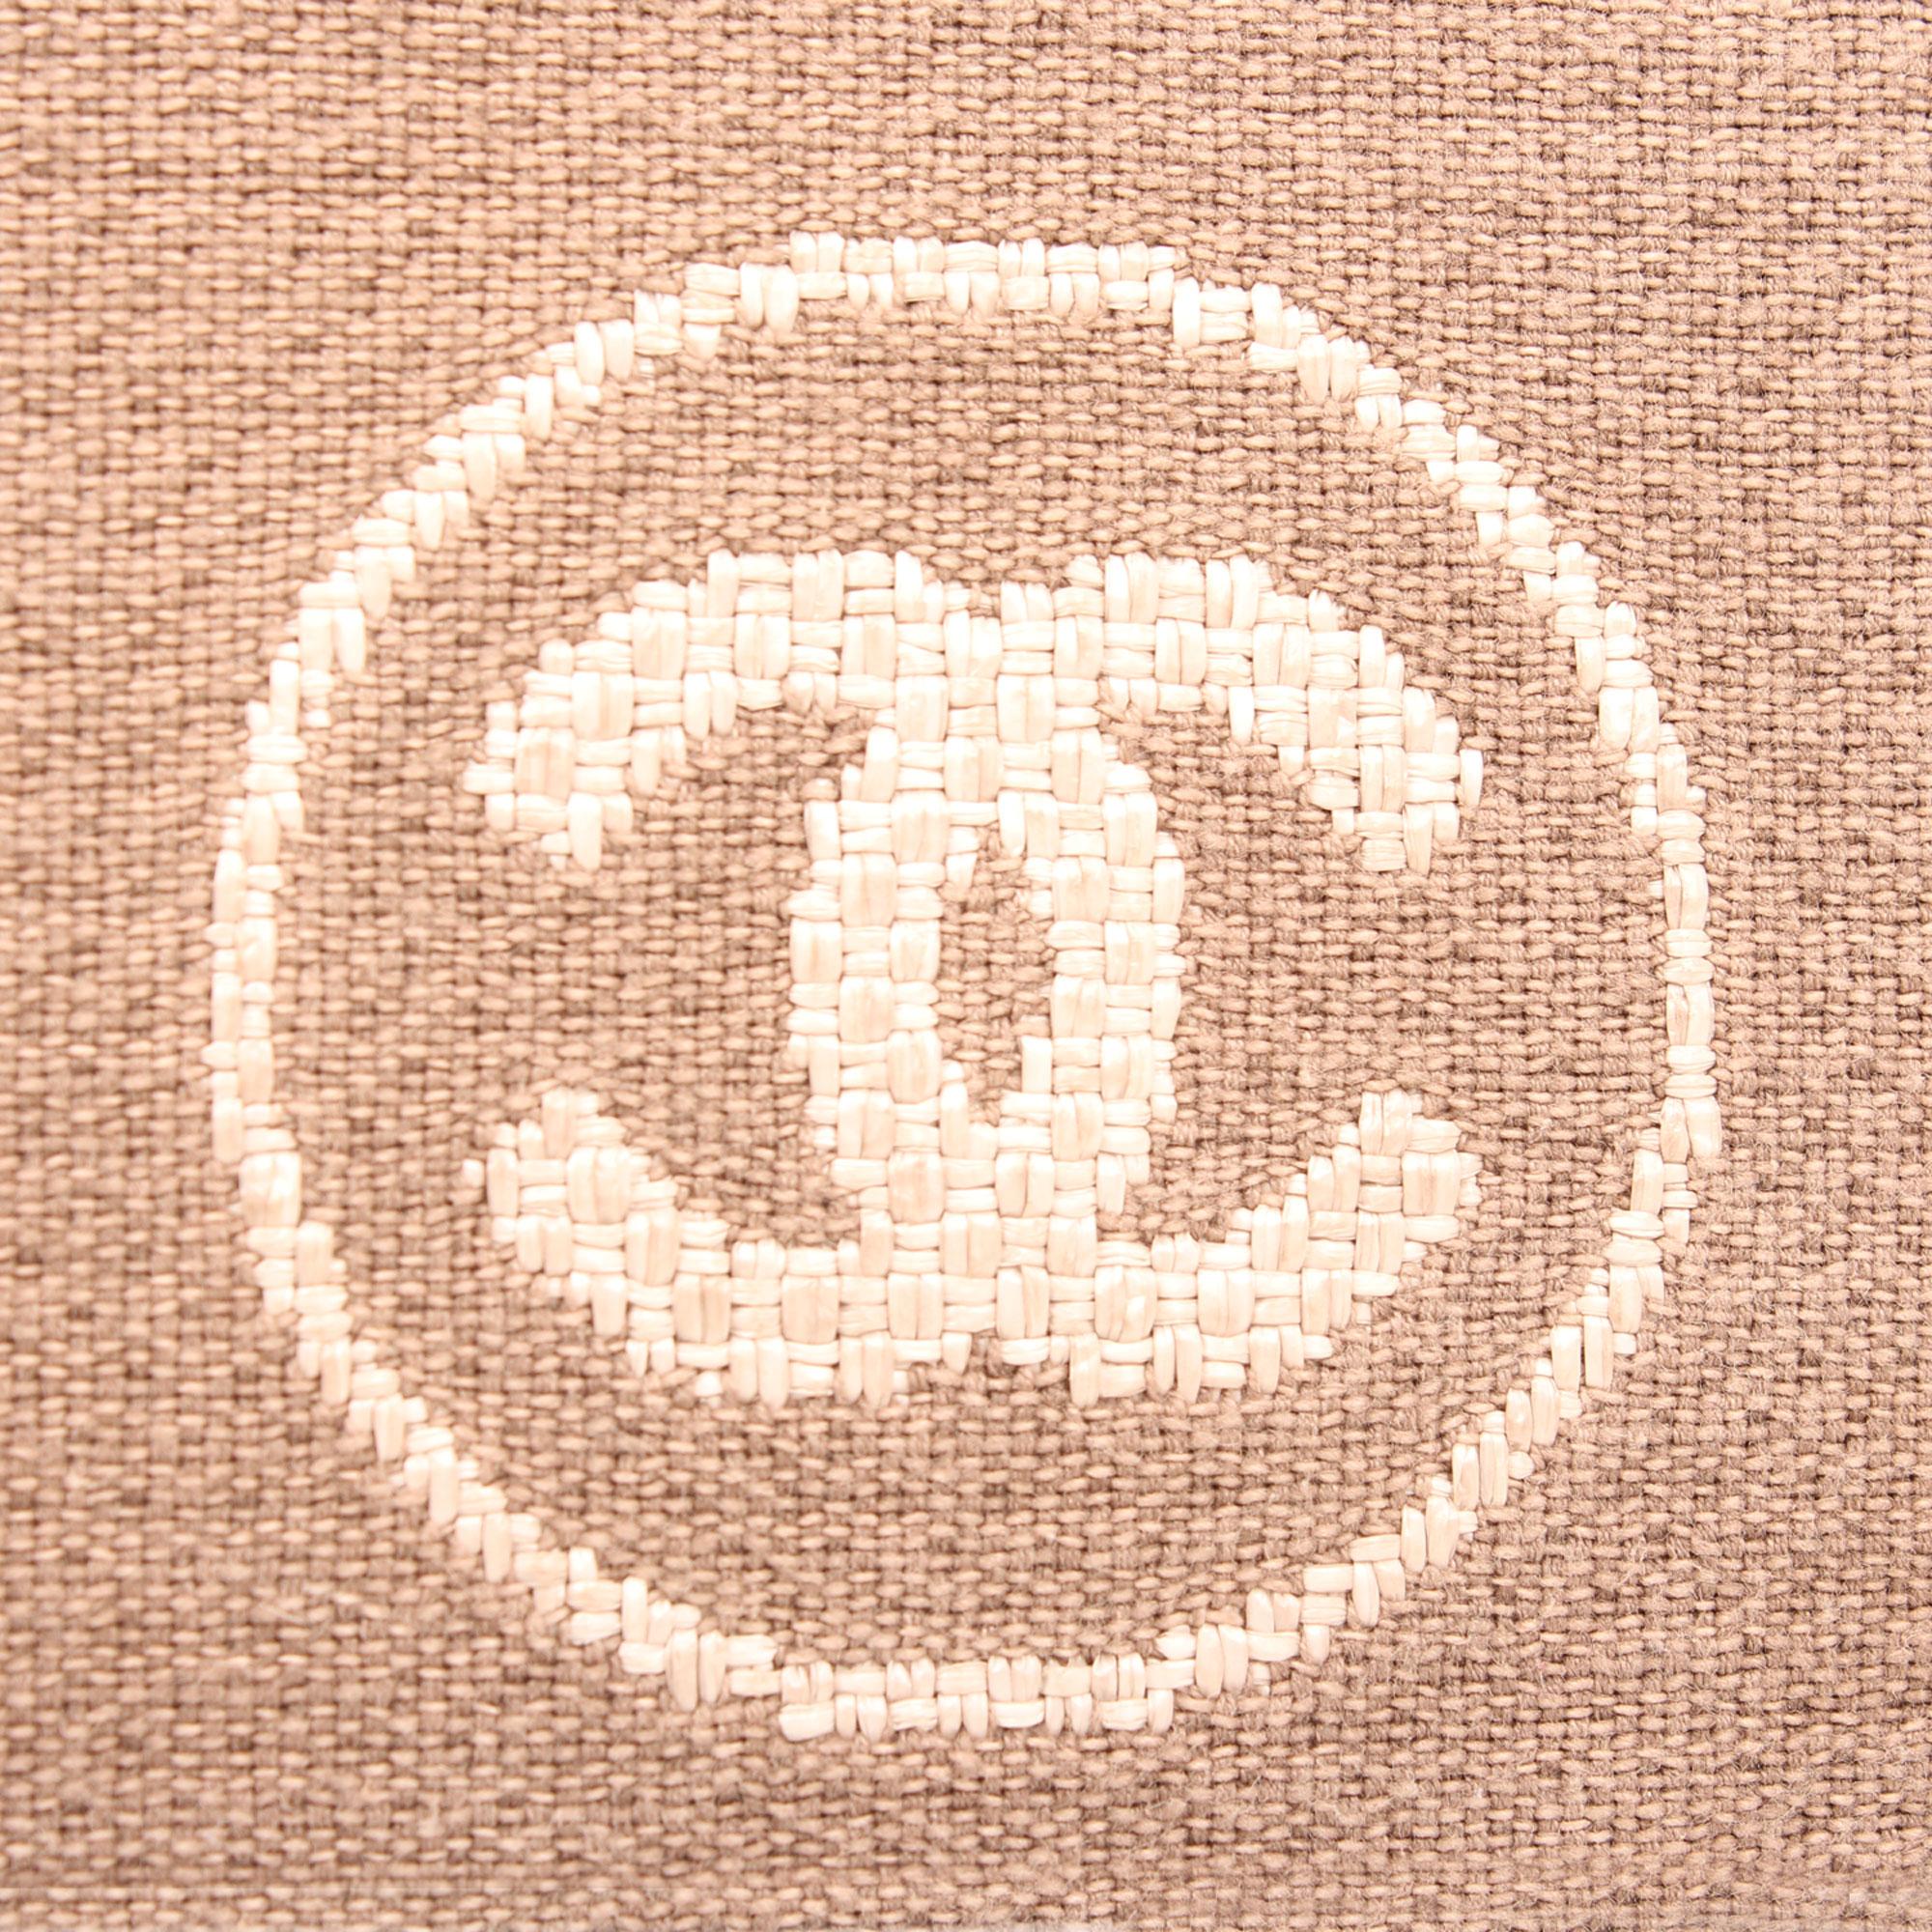 Imagen del logo de chanel del bolso chanel ecru deauville tote